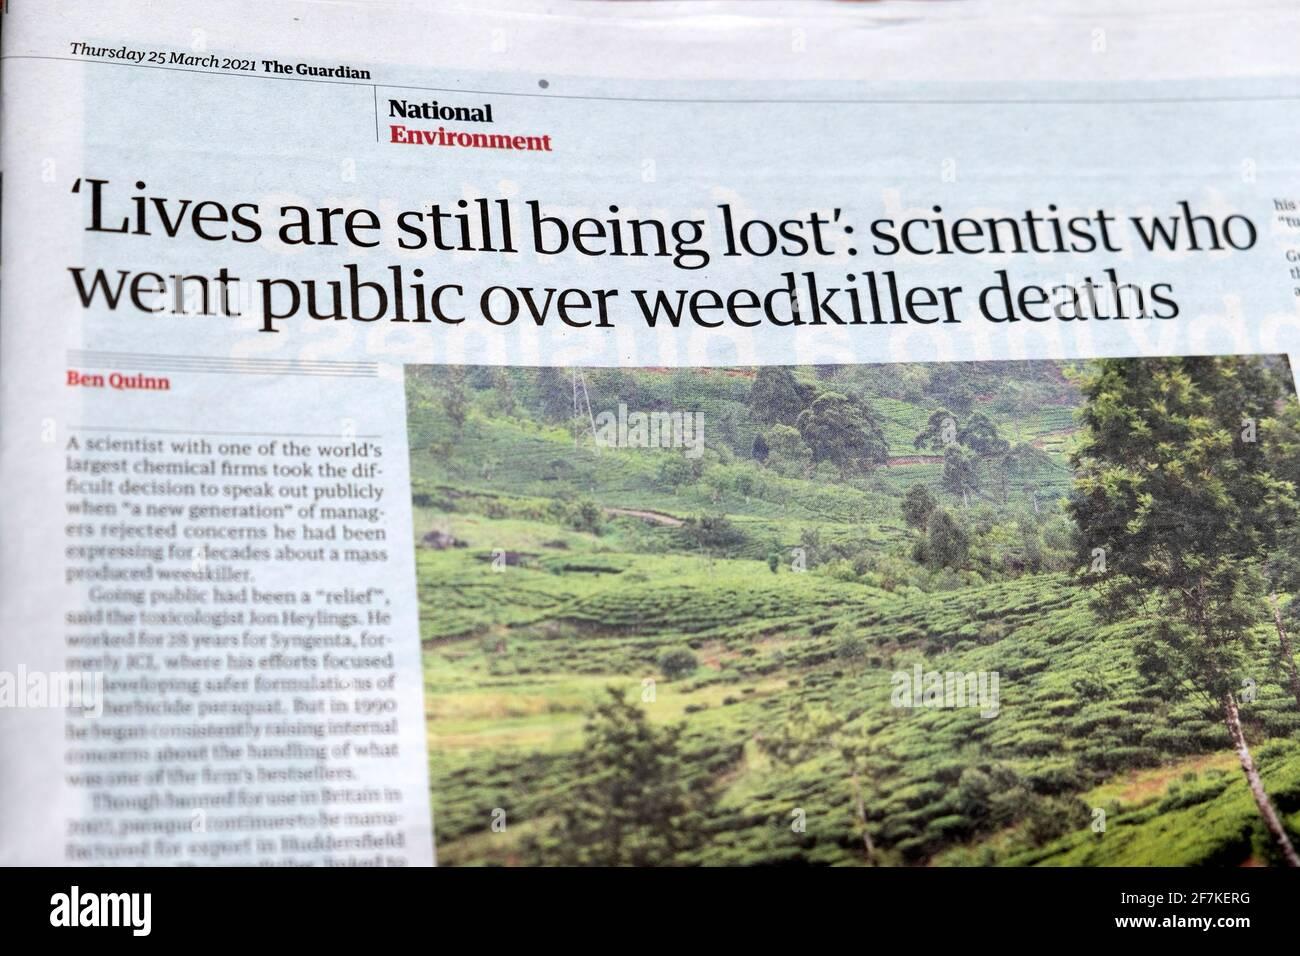 'Le vite sono ancora perdute: Scienziato che è andato pubblico sopra morti di weedkiller' titolo del giornale all'interno dell'articolo della pagina in Guardian 25 marzo 2021 UK Foto Stock